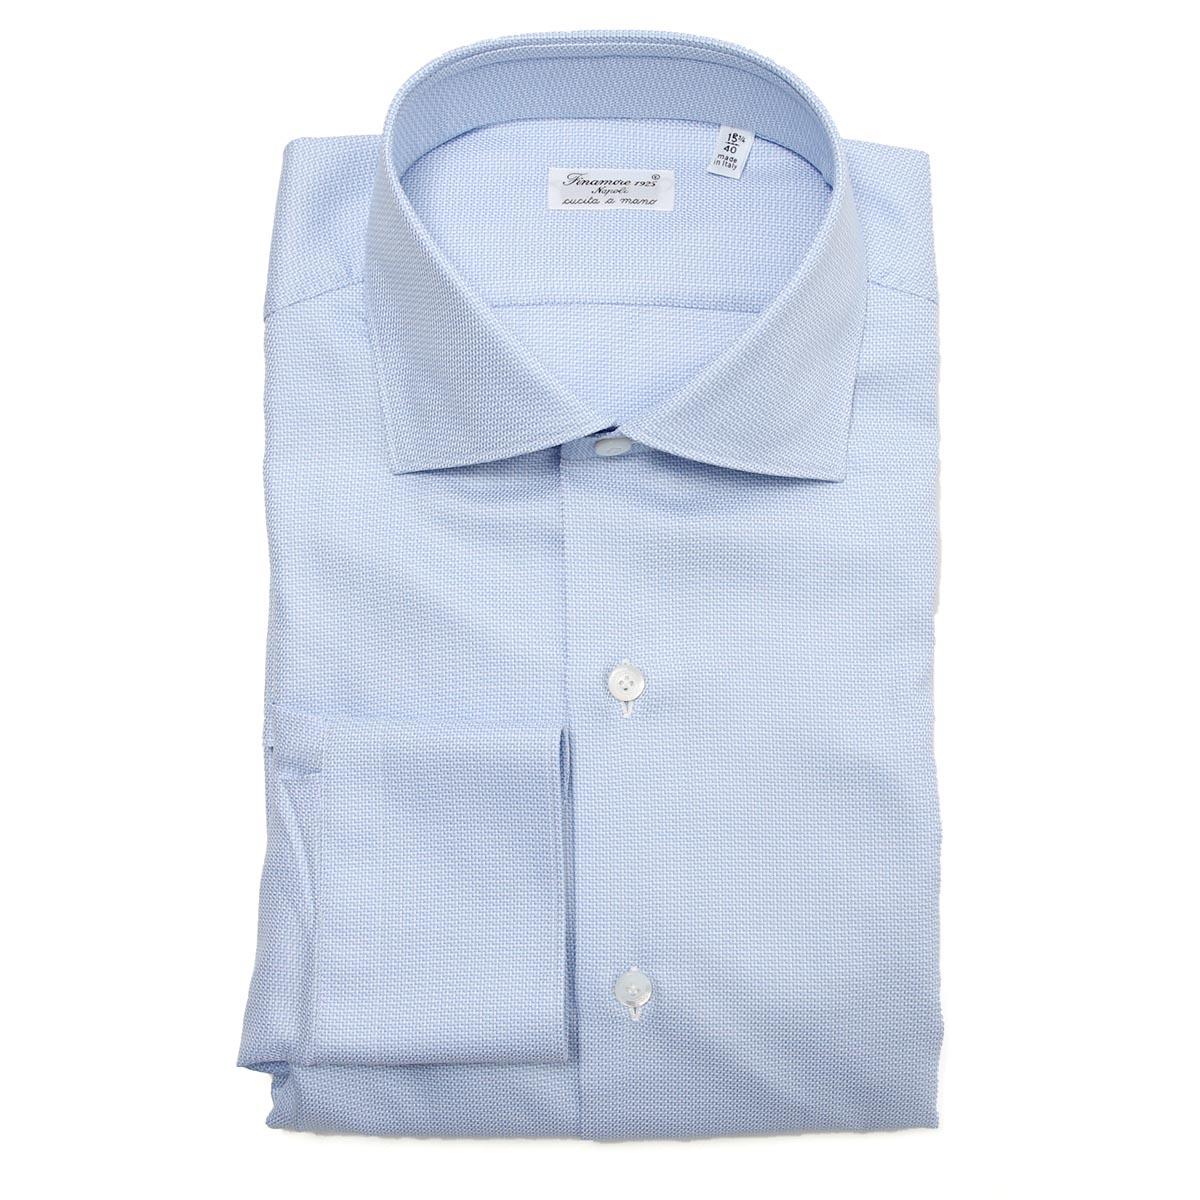 フィナモレ FINAMORE ワイドカラーシャツ ブルー メンズ zante z 840566 c0277 1 ZANTE MILANO【あす楽対応_関東】【返品送料無料】【ラッピング無料】